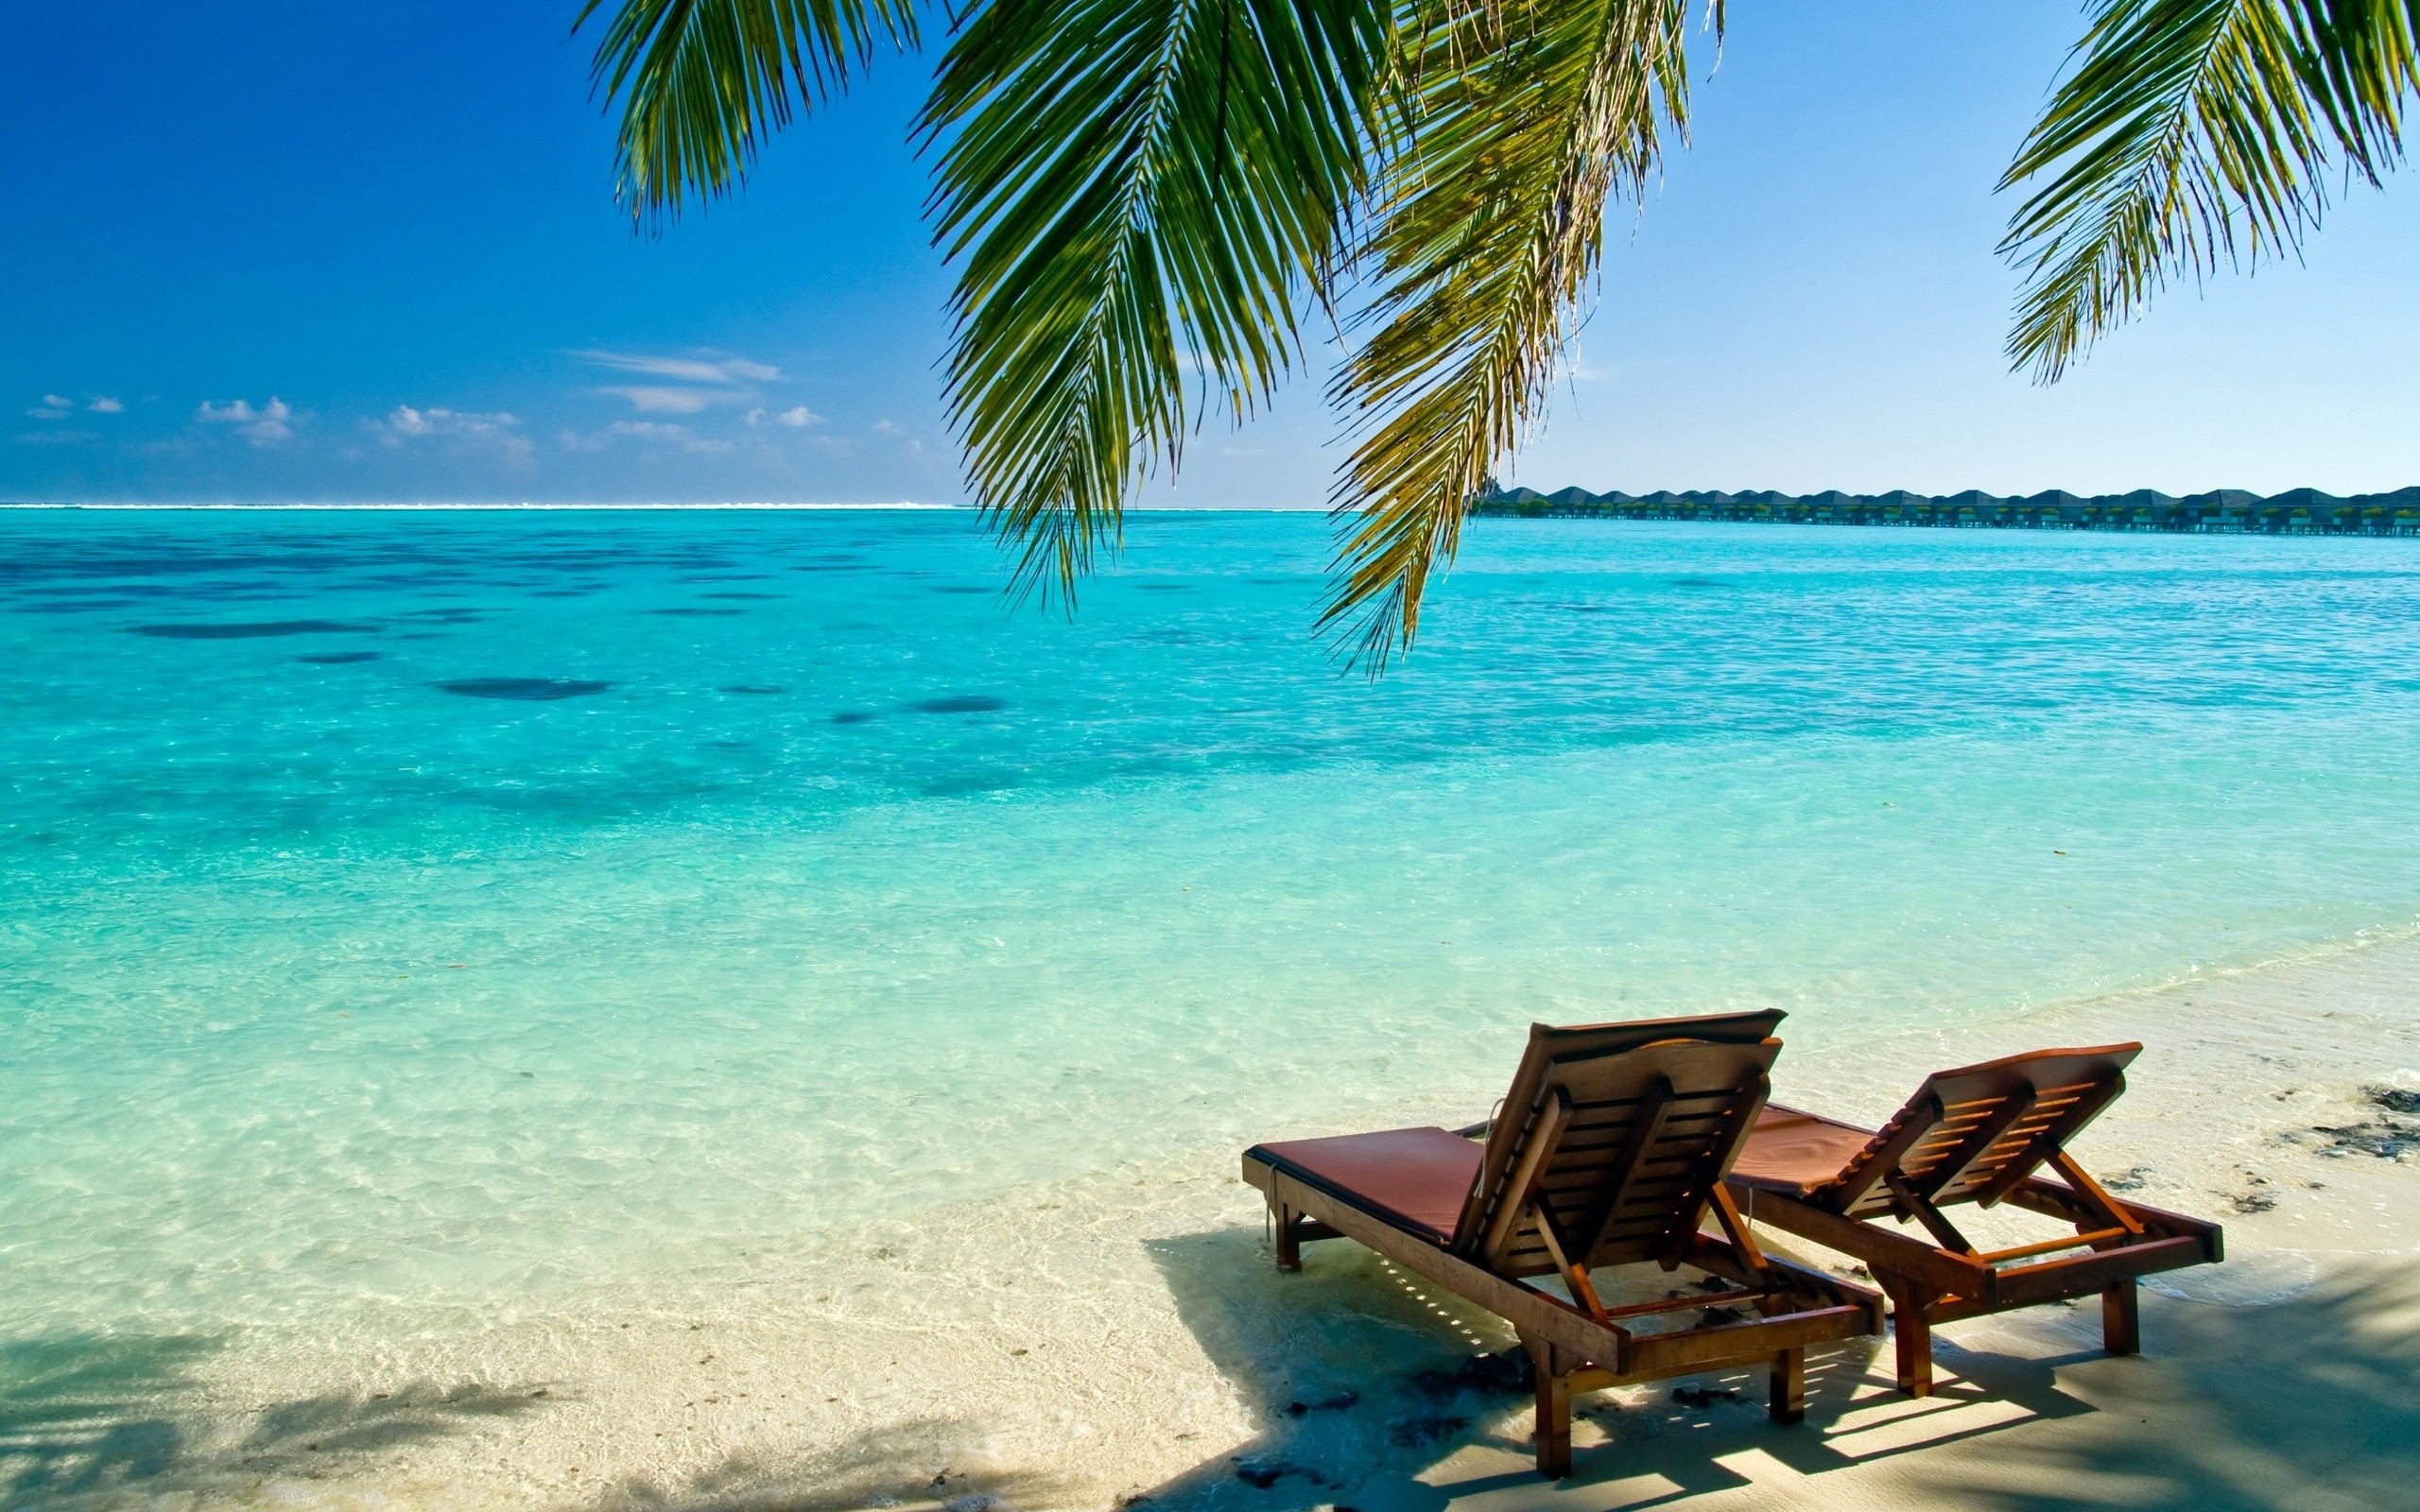 Ocean Beach Wallpaper 2560x1600 Ocean Beach Maldives Indian Palm 2560x1600